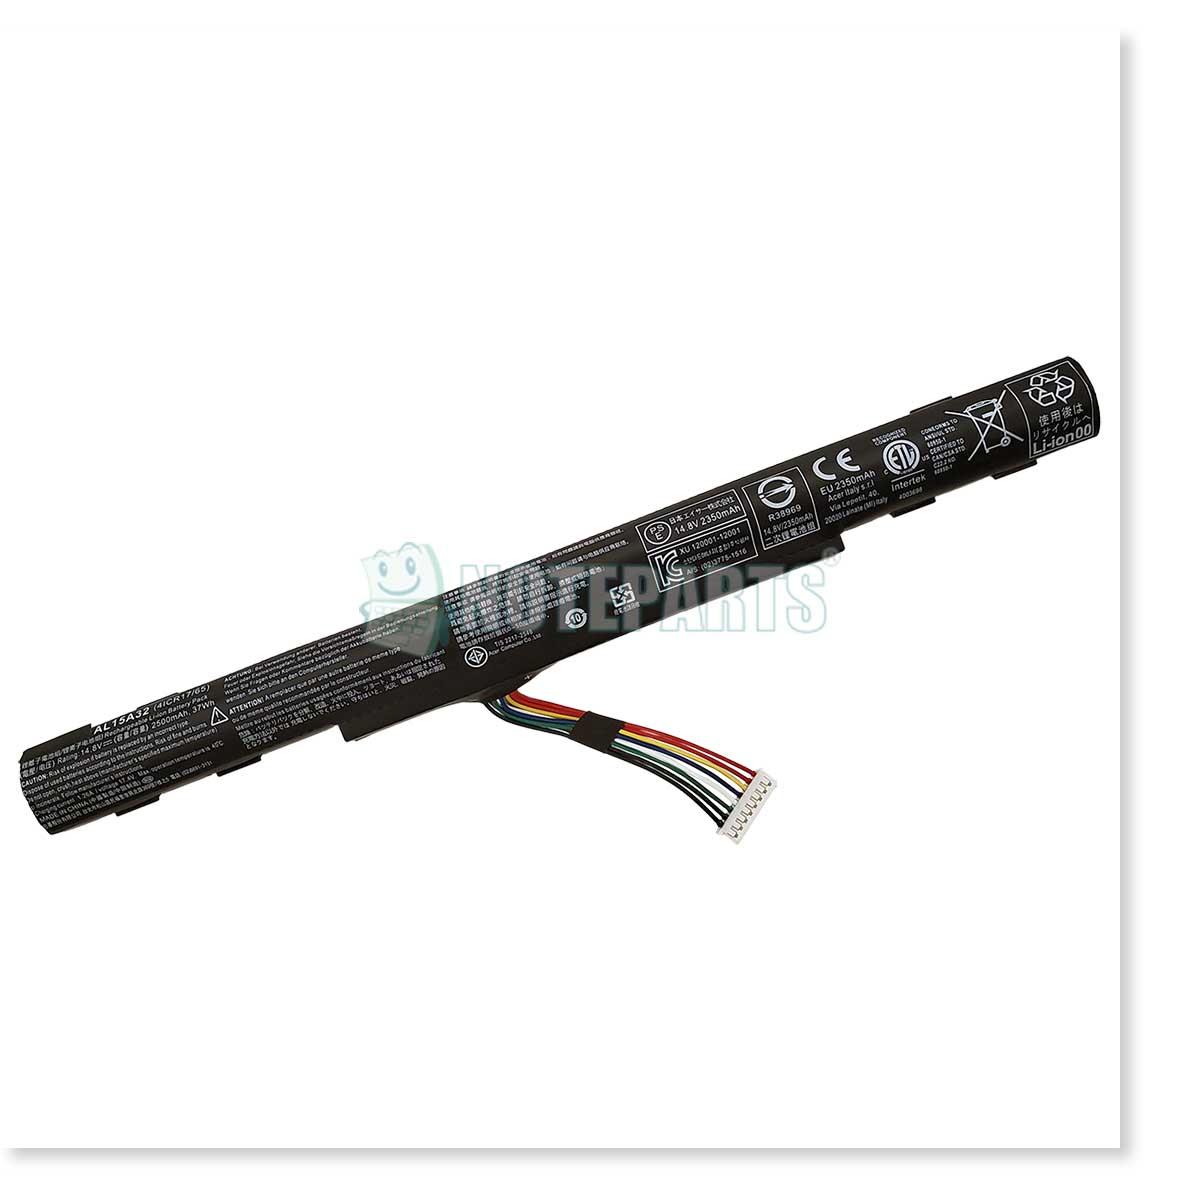 Acer純正 エイサー Aspire E5-532 E5-573 E5-574 バッテリー AL15A32